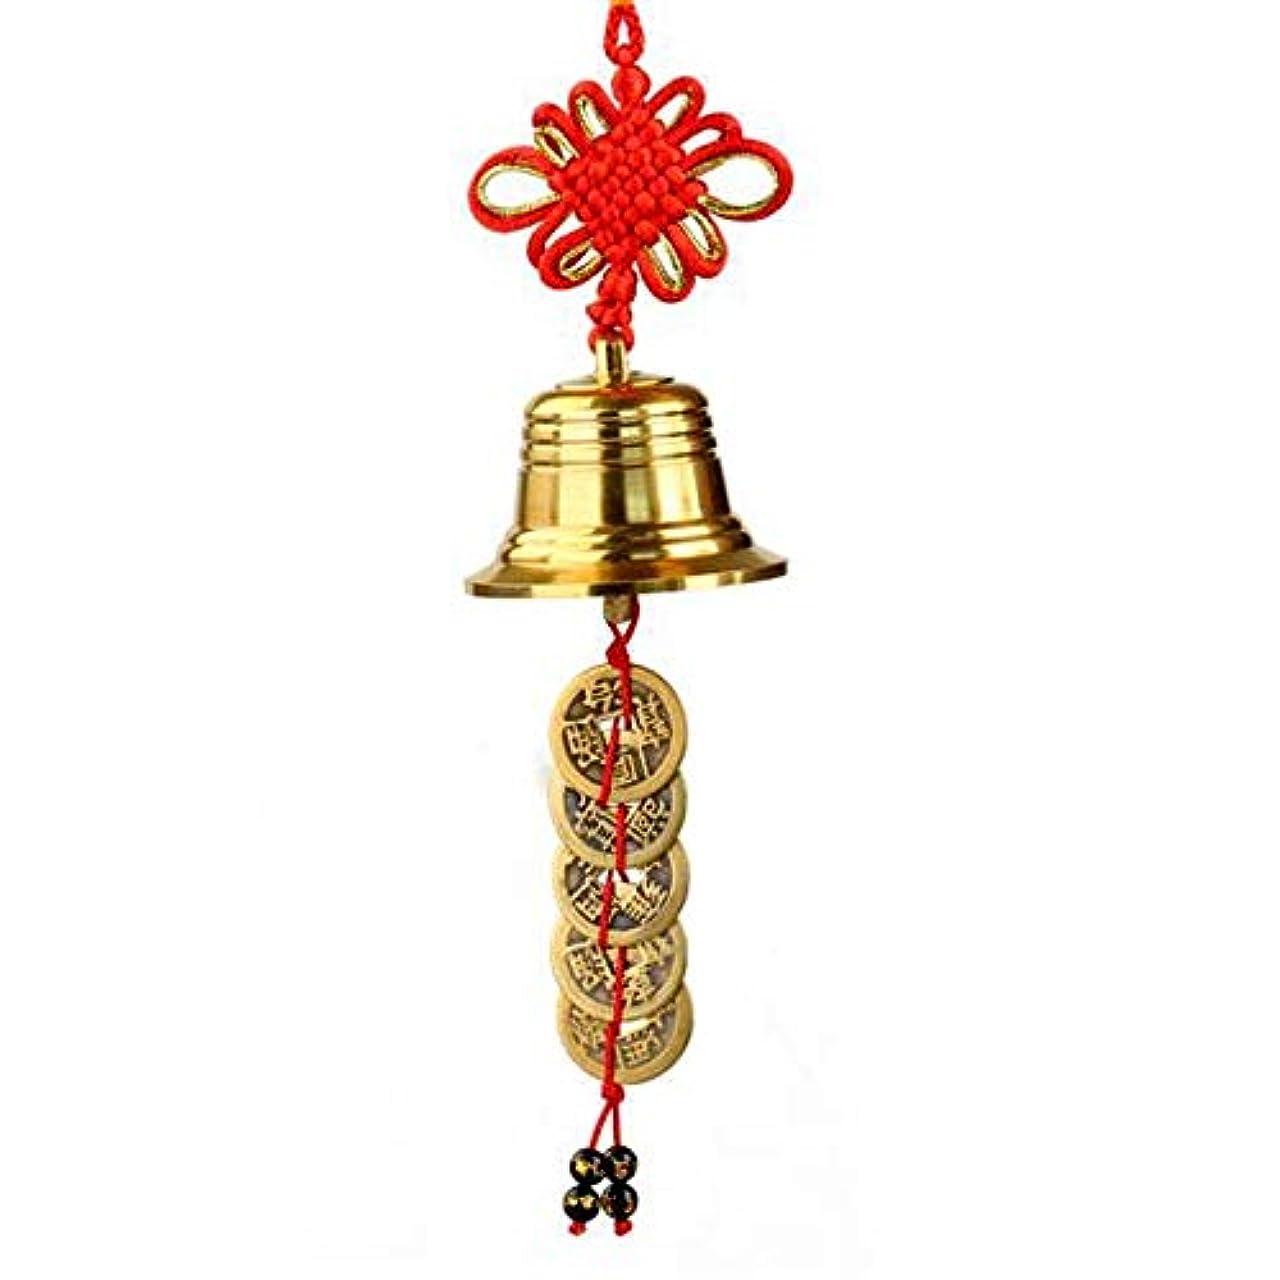 丁寧乱気流槍Jingfengtongxun 風チャイム、中国のノット銅ベルホームデコレーション、ゴールド、サイズ28センチメートル,スタイリッシュなホリデーギフト (Size : 28*5cm)